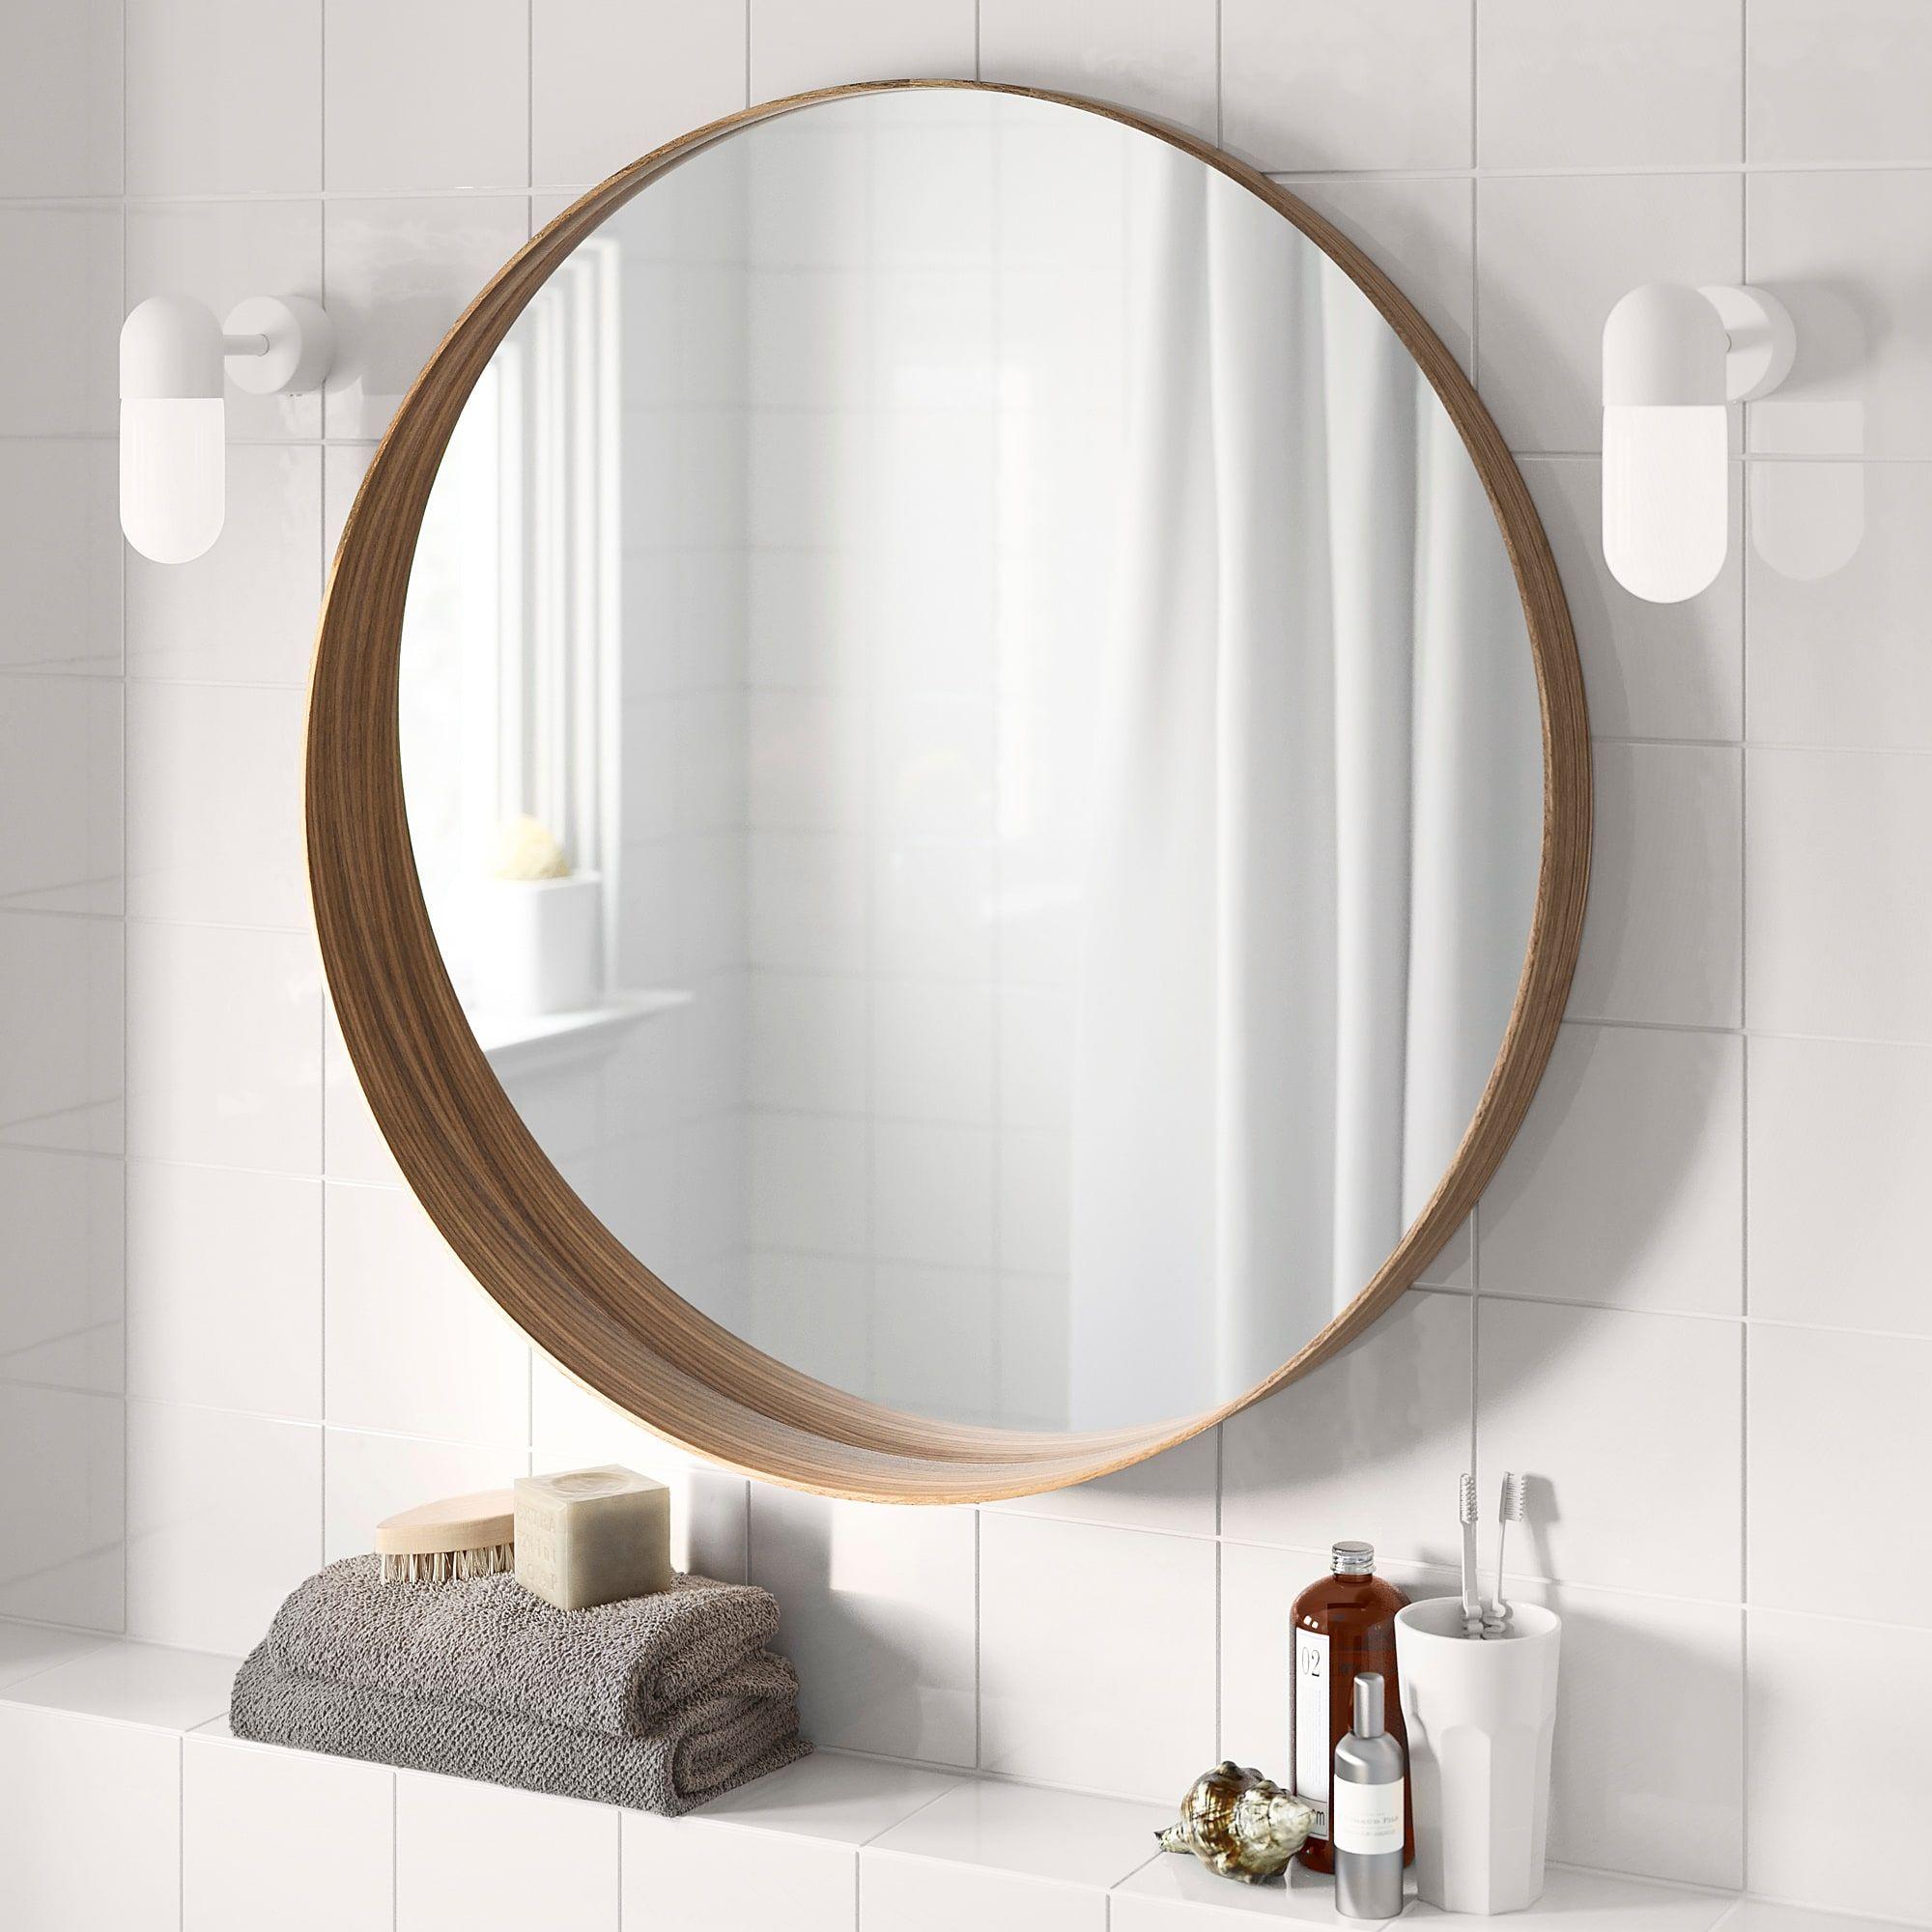 Stockholm Specchio Impiallacciatura Di Noce 60 Cm Ikea It Specchio Da Bagno Specchi Idee Ikea